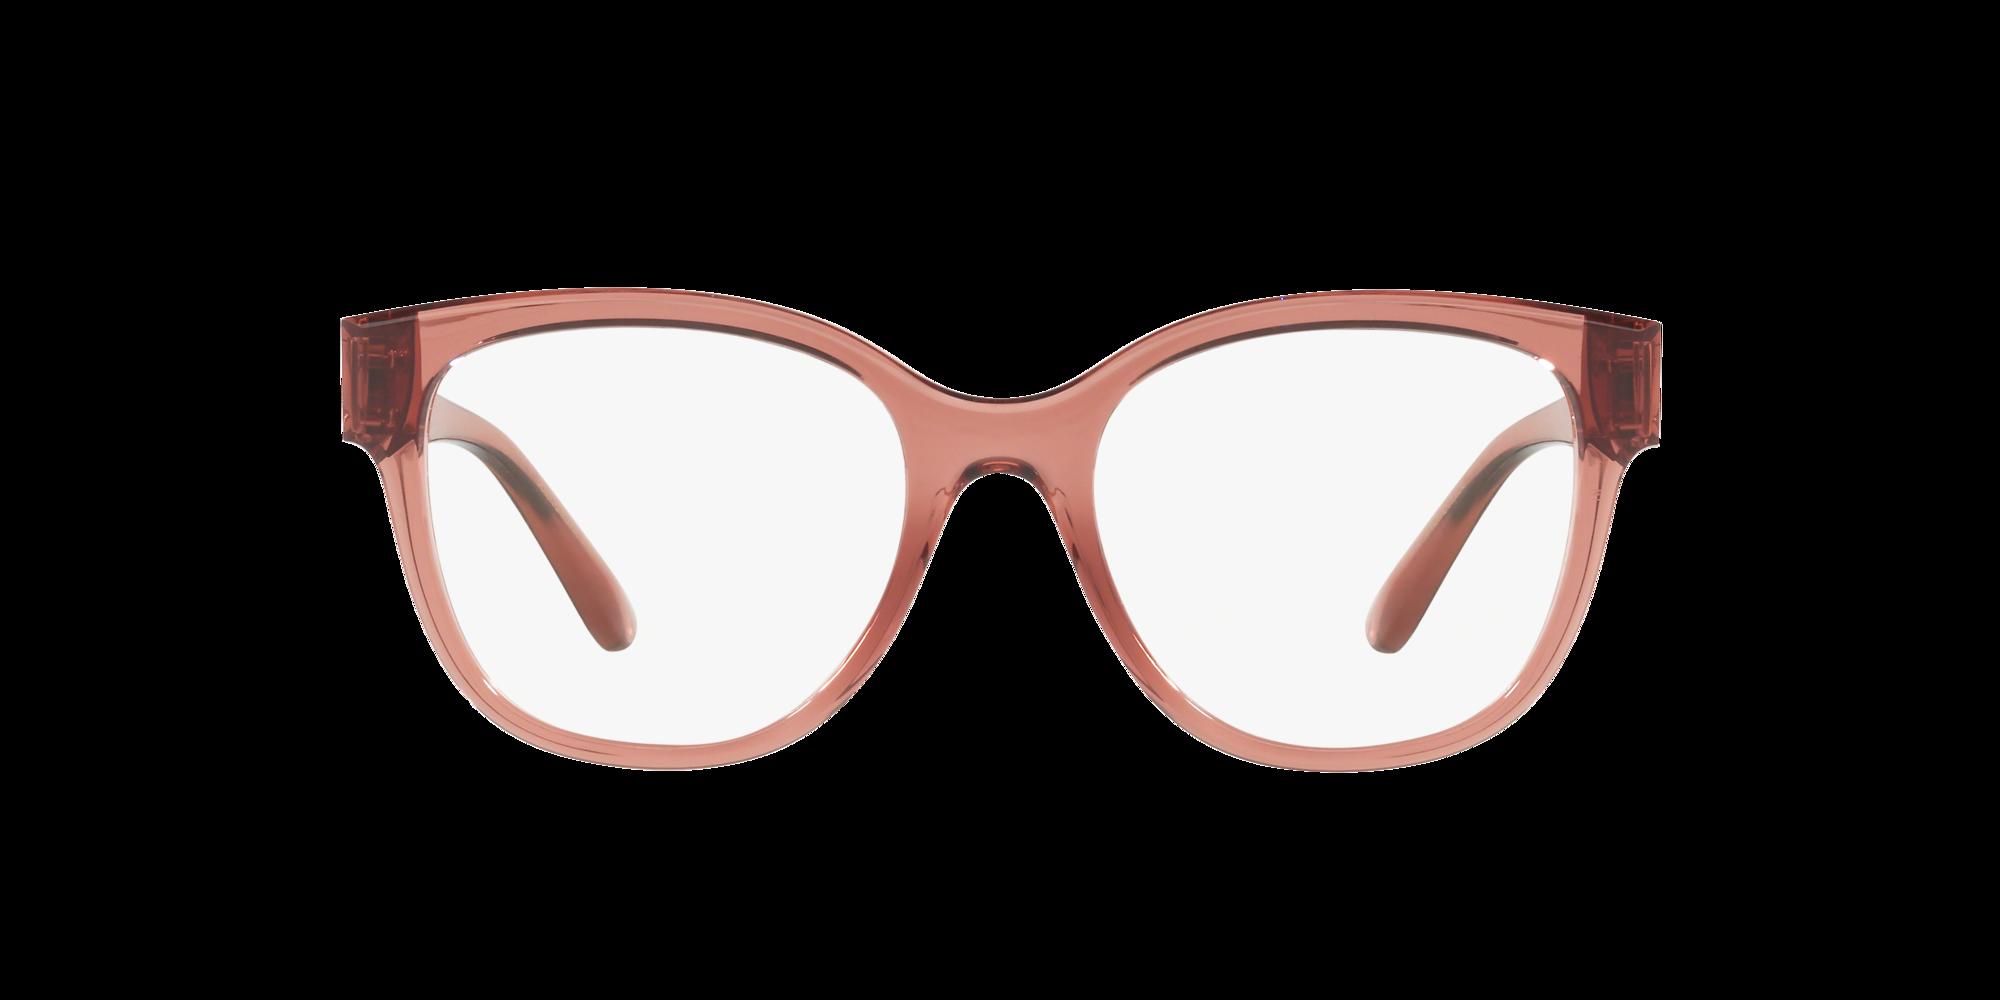 Imagen para DG5040 de LensCrafters |  Espejuelos, espejuelos graduados en línea, gafas